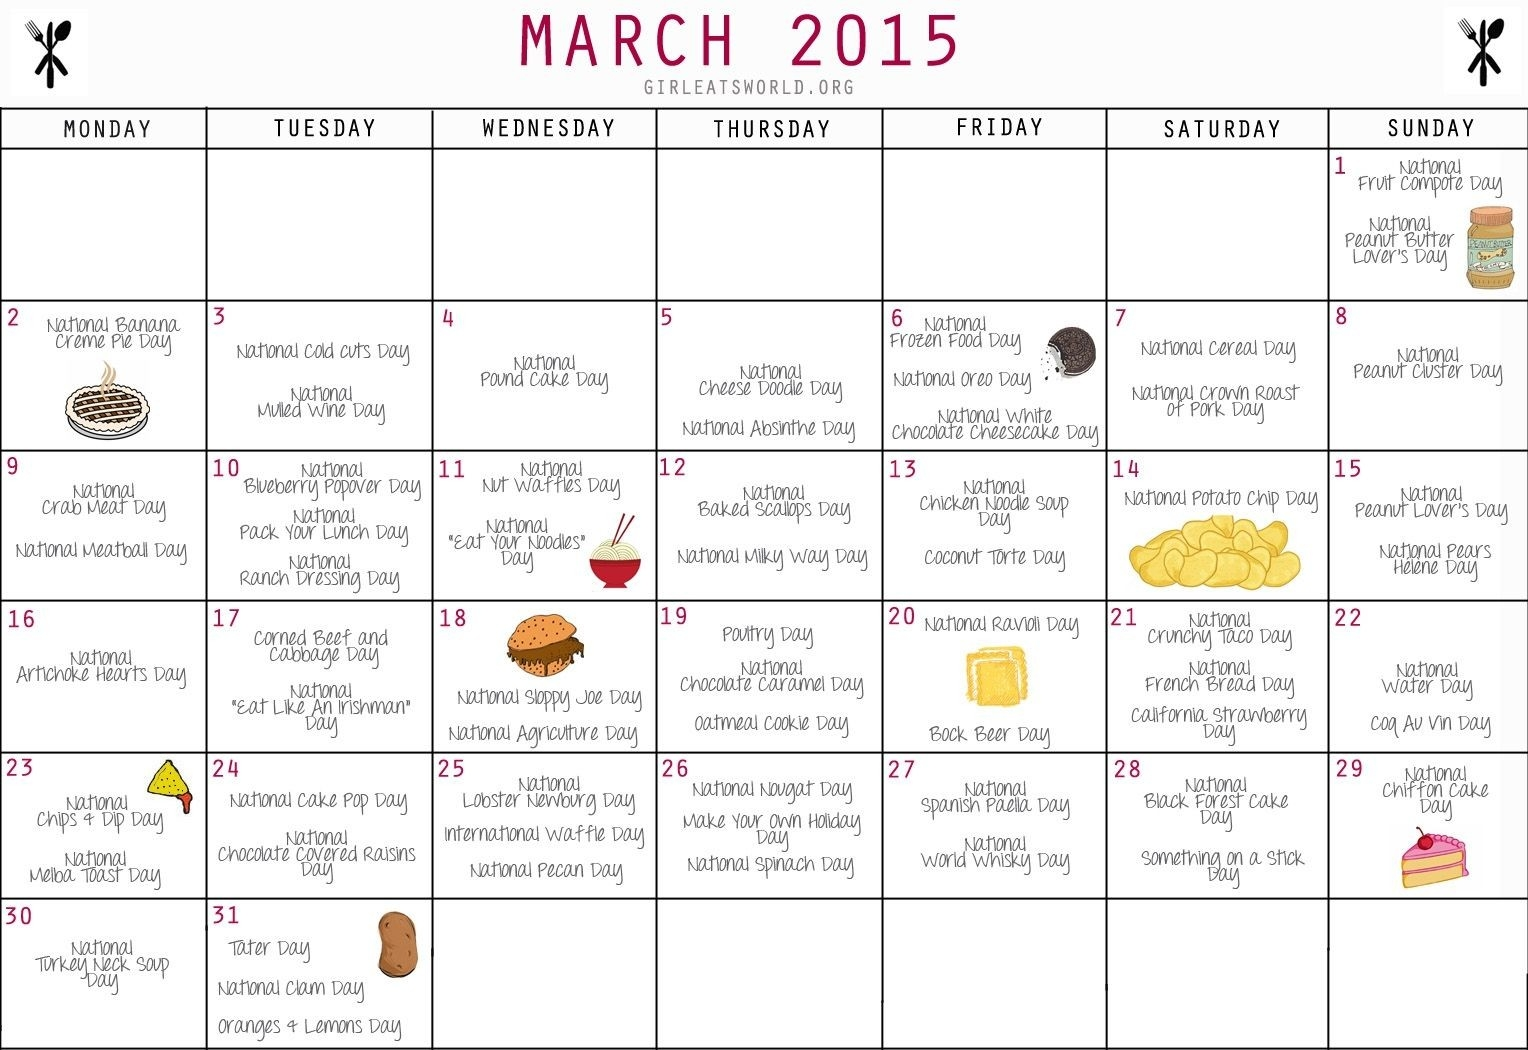 National Food Day Calendar Printable Printable Calendar 2018  National Food Days 2020 Printable